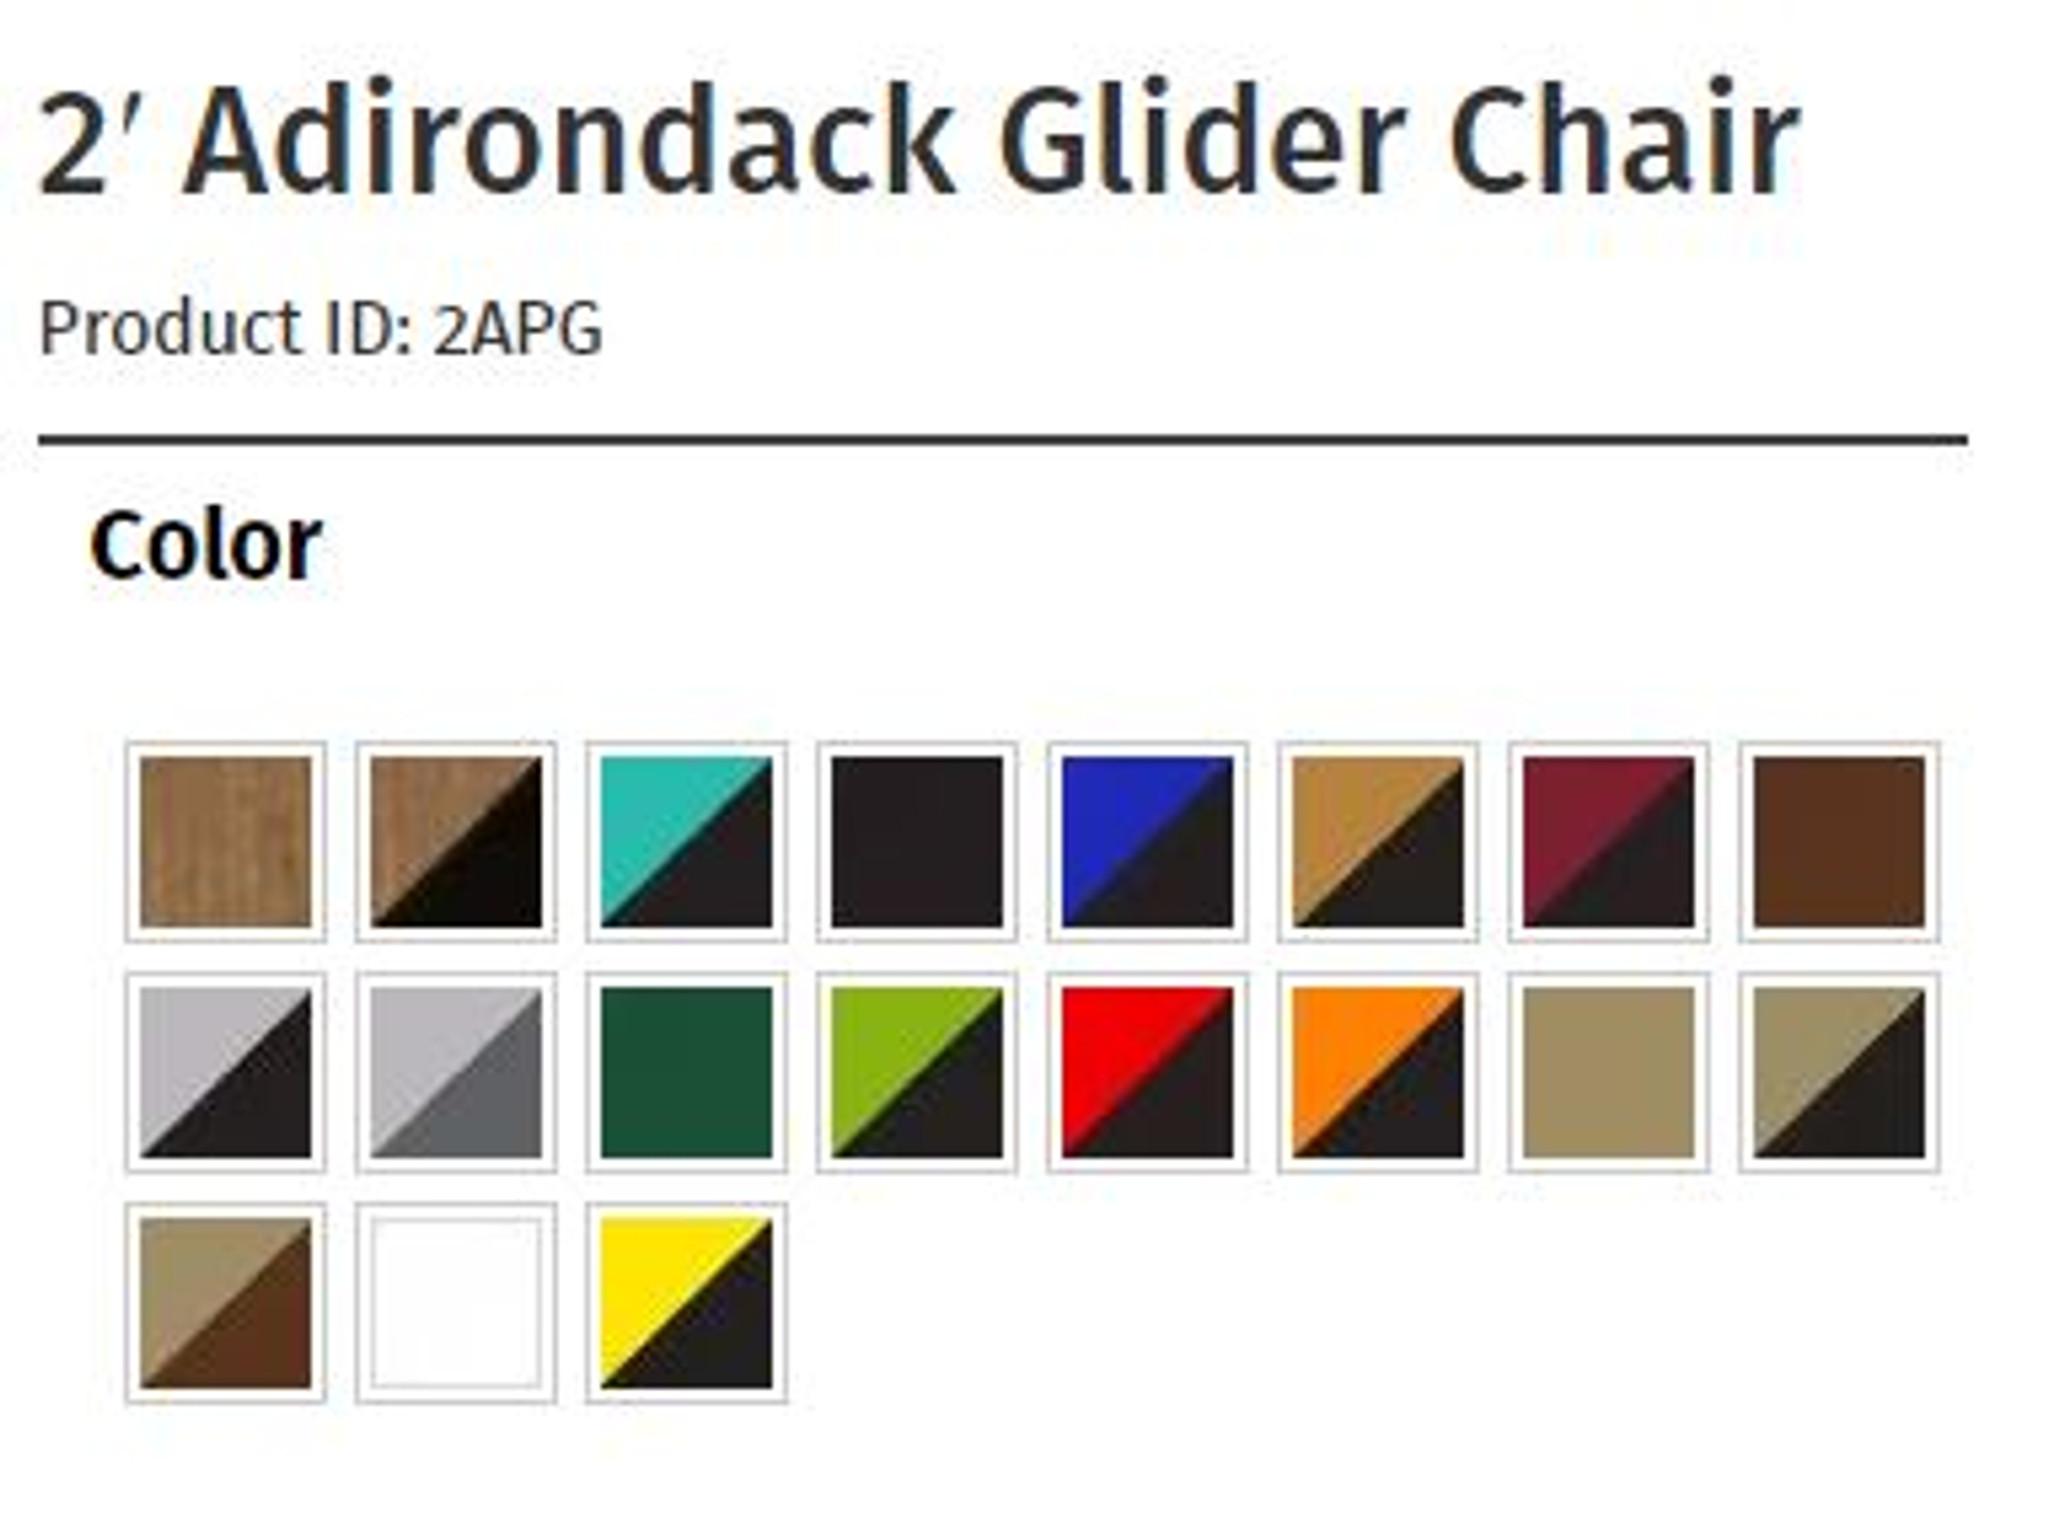 2 Adirondack Glider Chair Luxcraft Outdoor Furniture